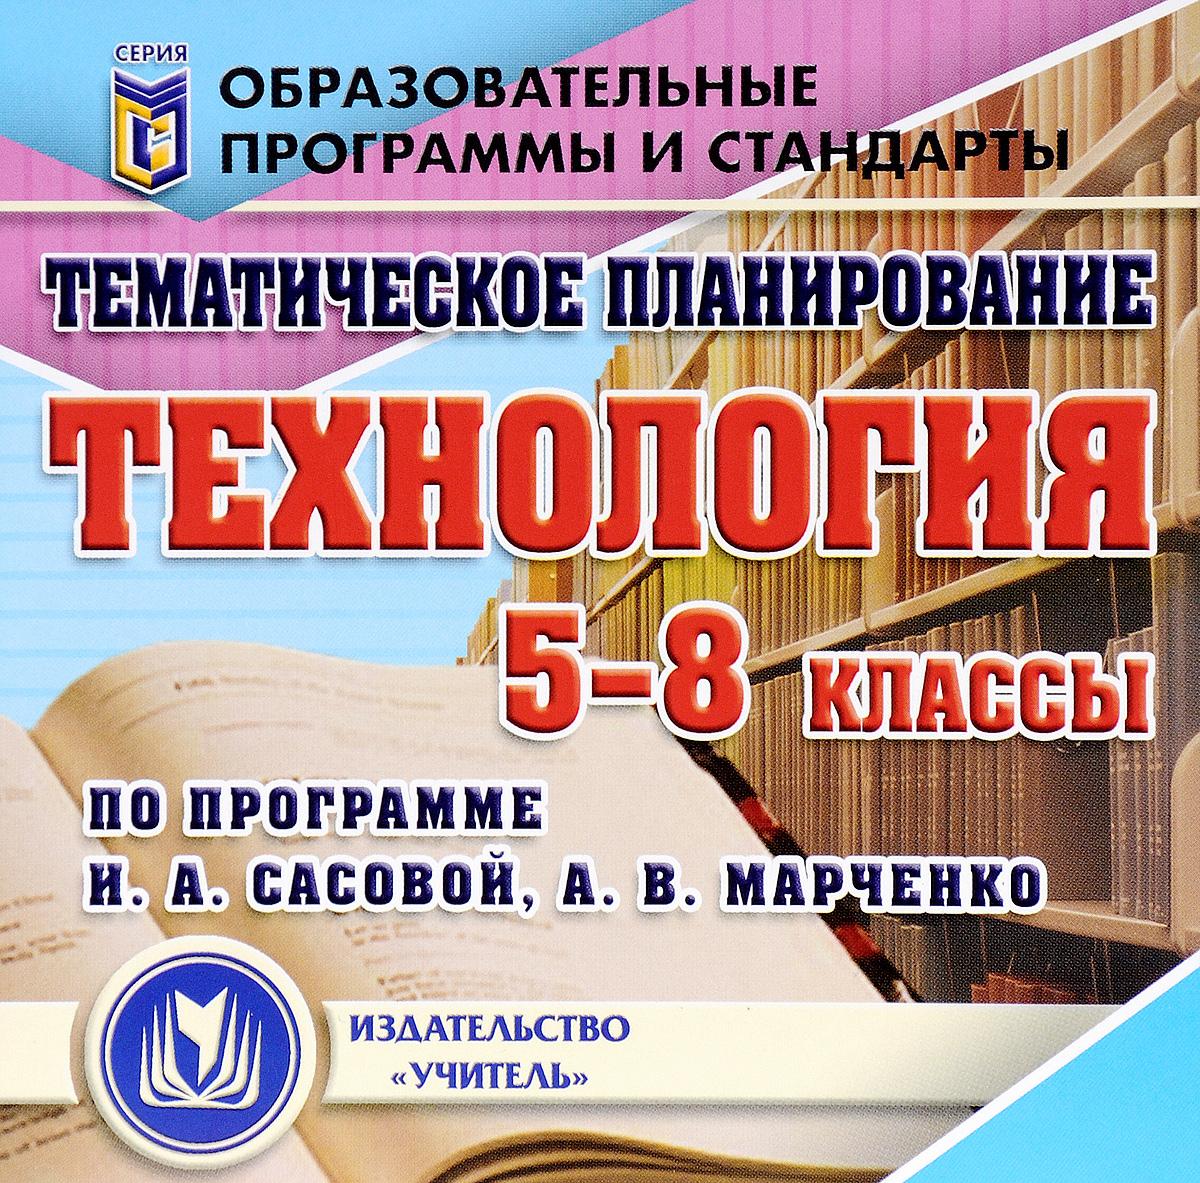 Тематическое планирование. Технология. 5-8 классы. По программе И. А. Сасовой, А. В. Марченко